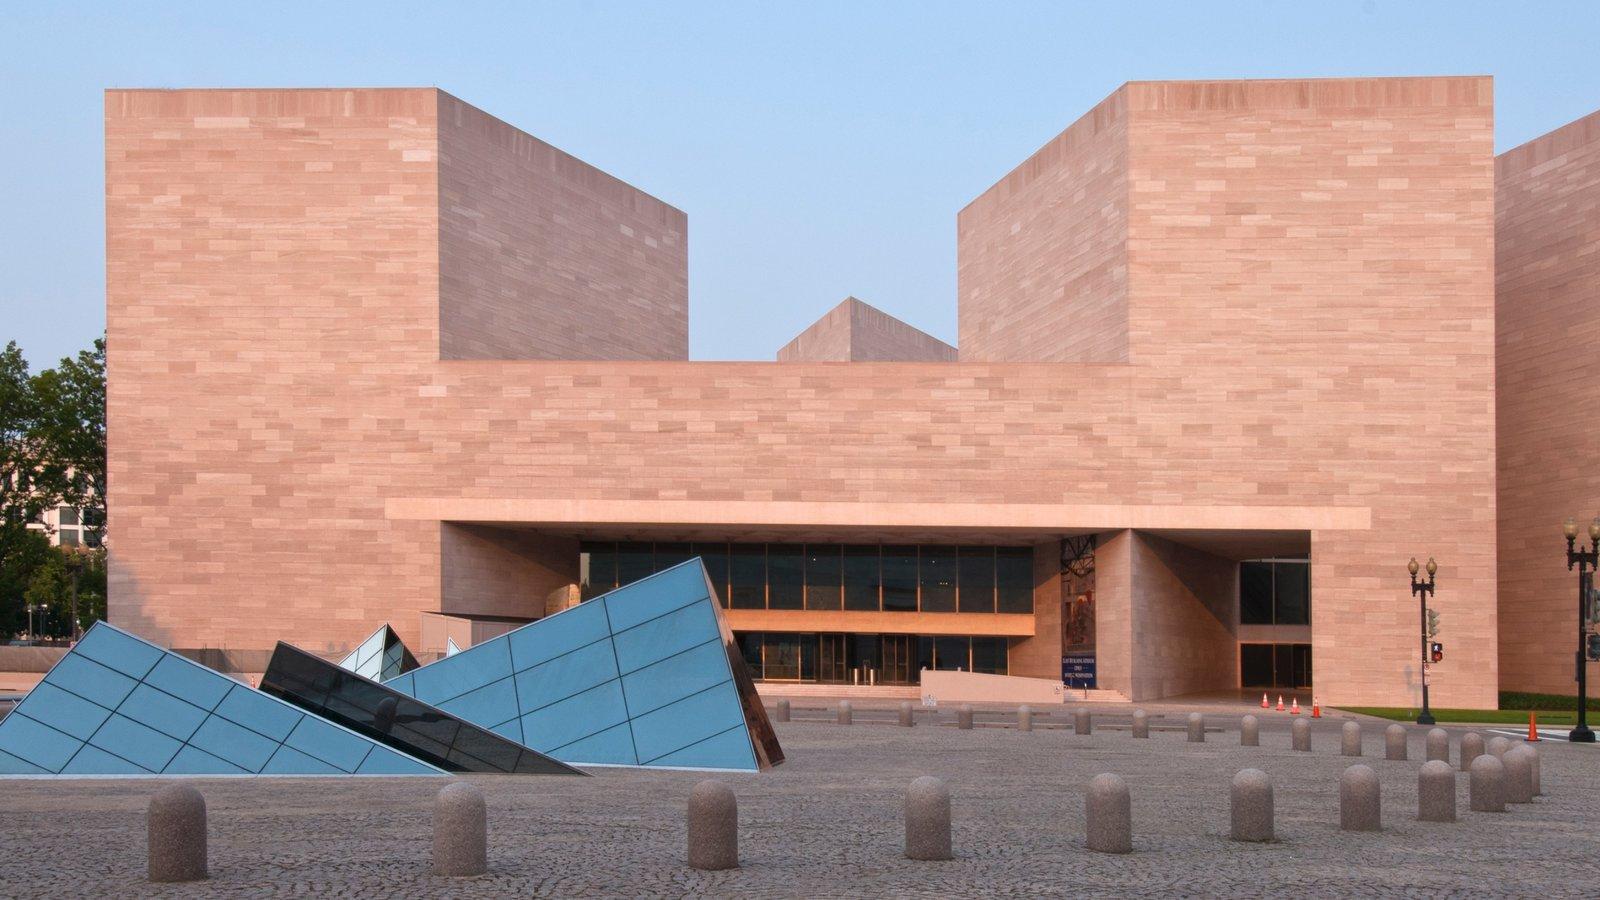 Galería Nacional de Arte que incluye arte al aire libre y arquitectura moderna